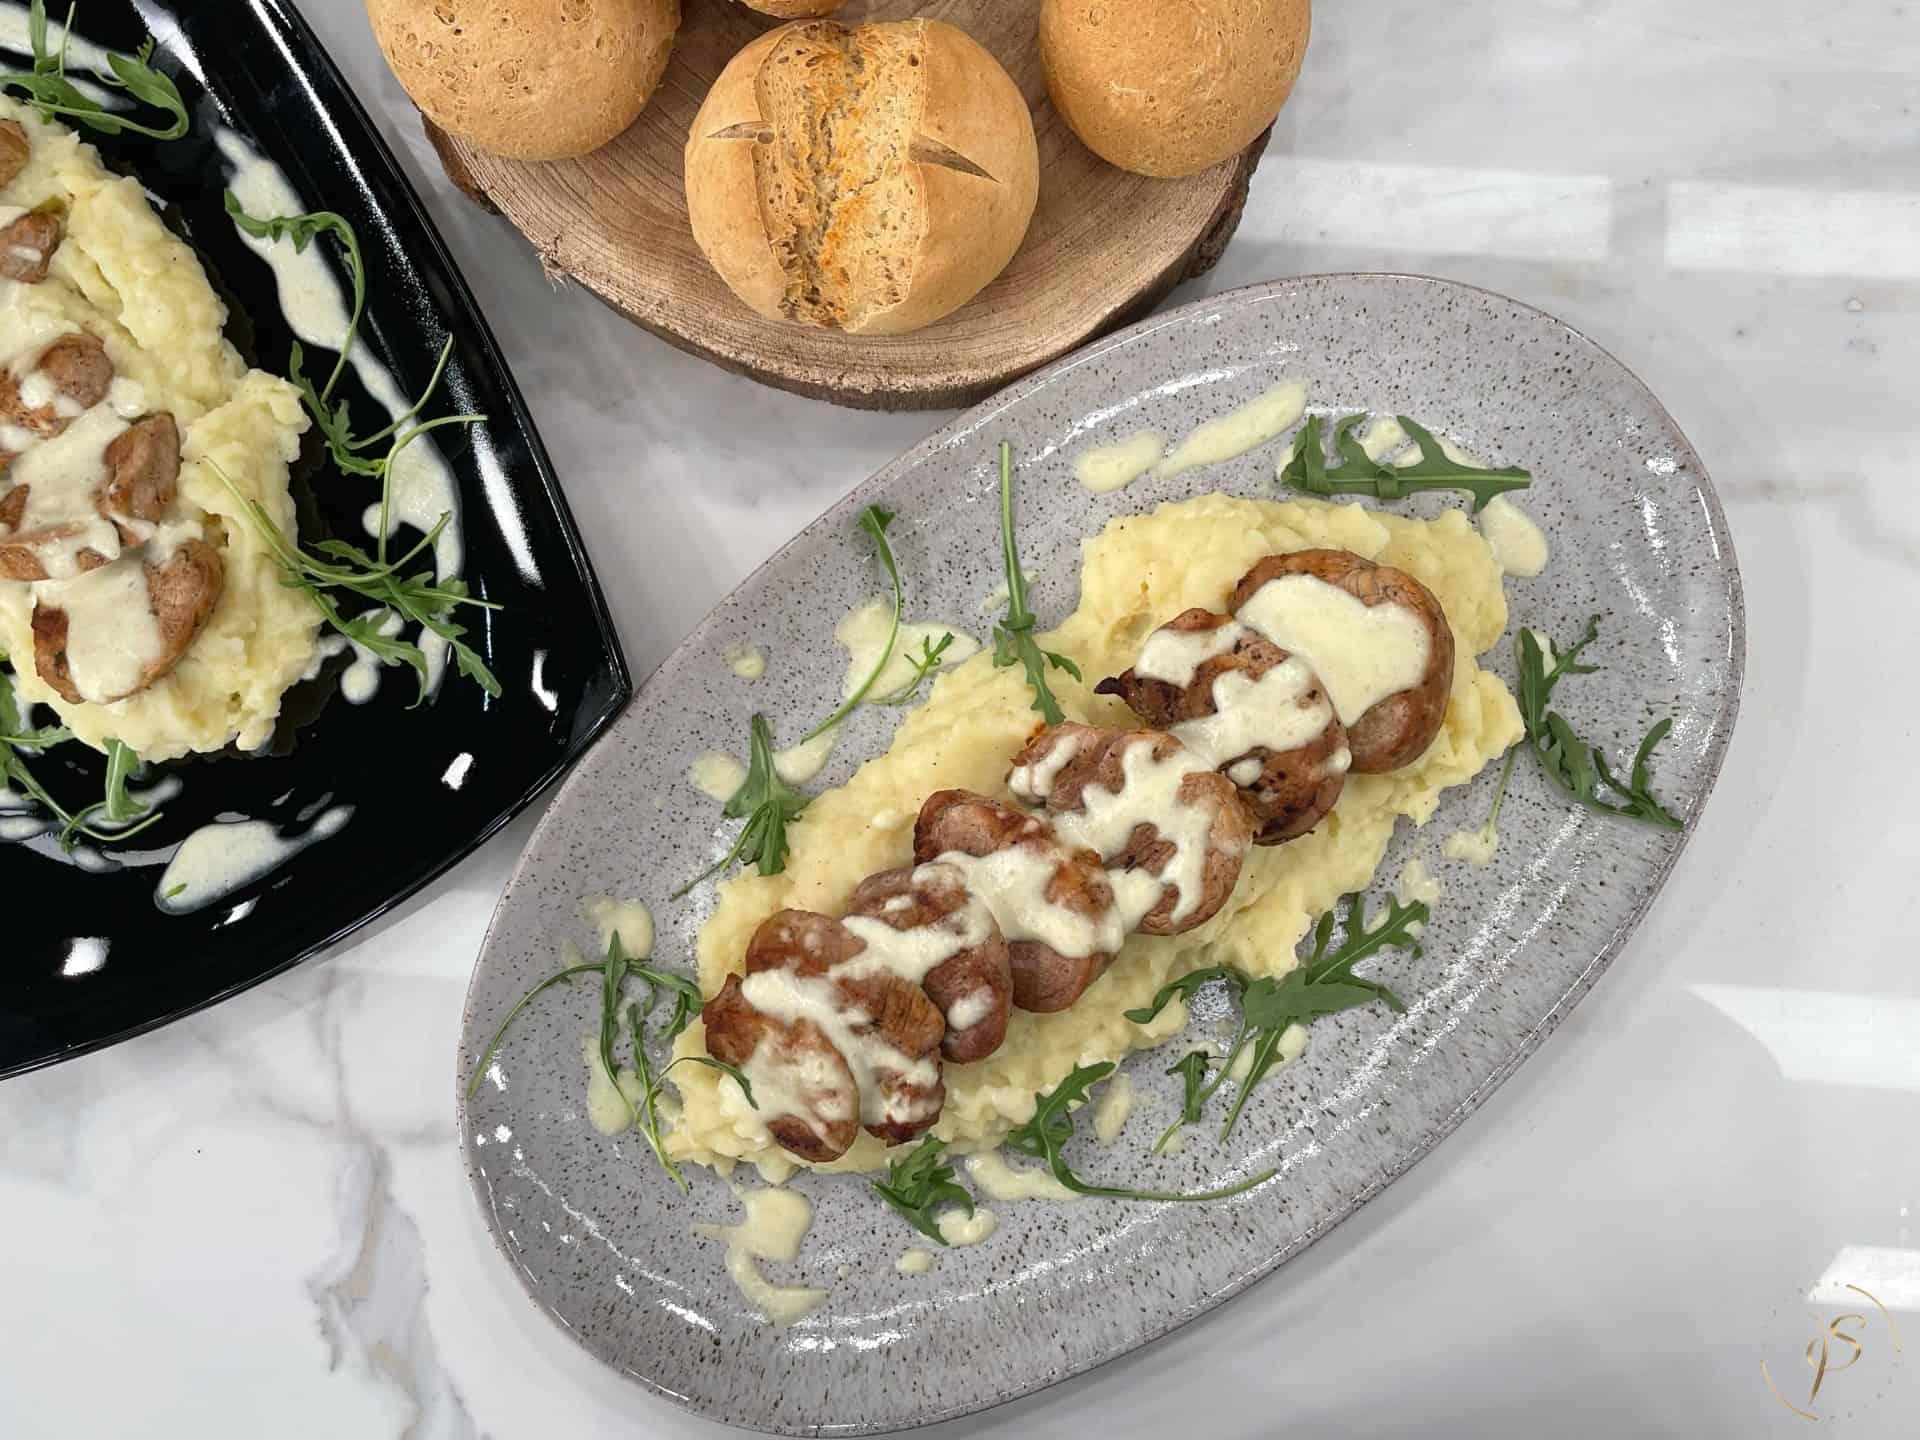 ψαρονέφρι με πουρέ πατάτας και σάλτσα παρμεζάνας